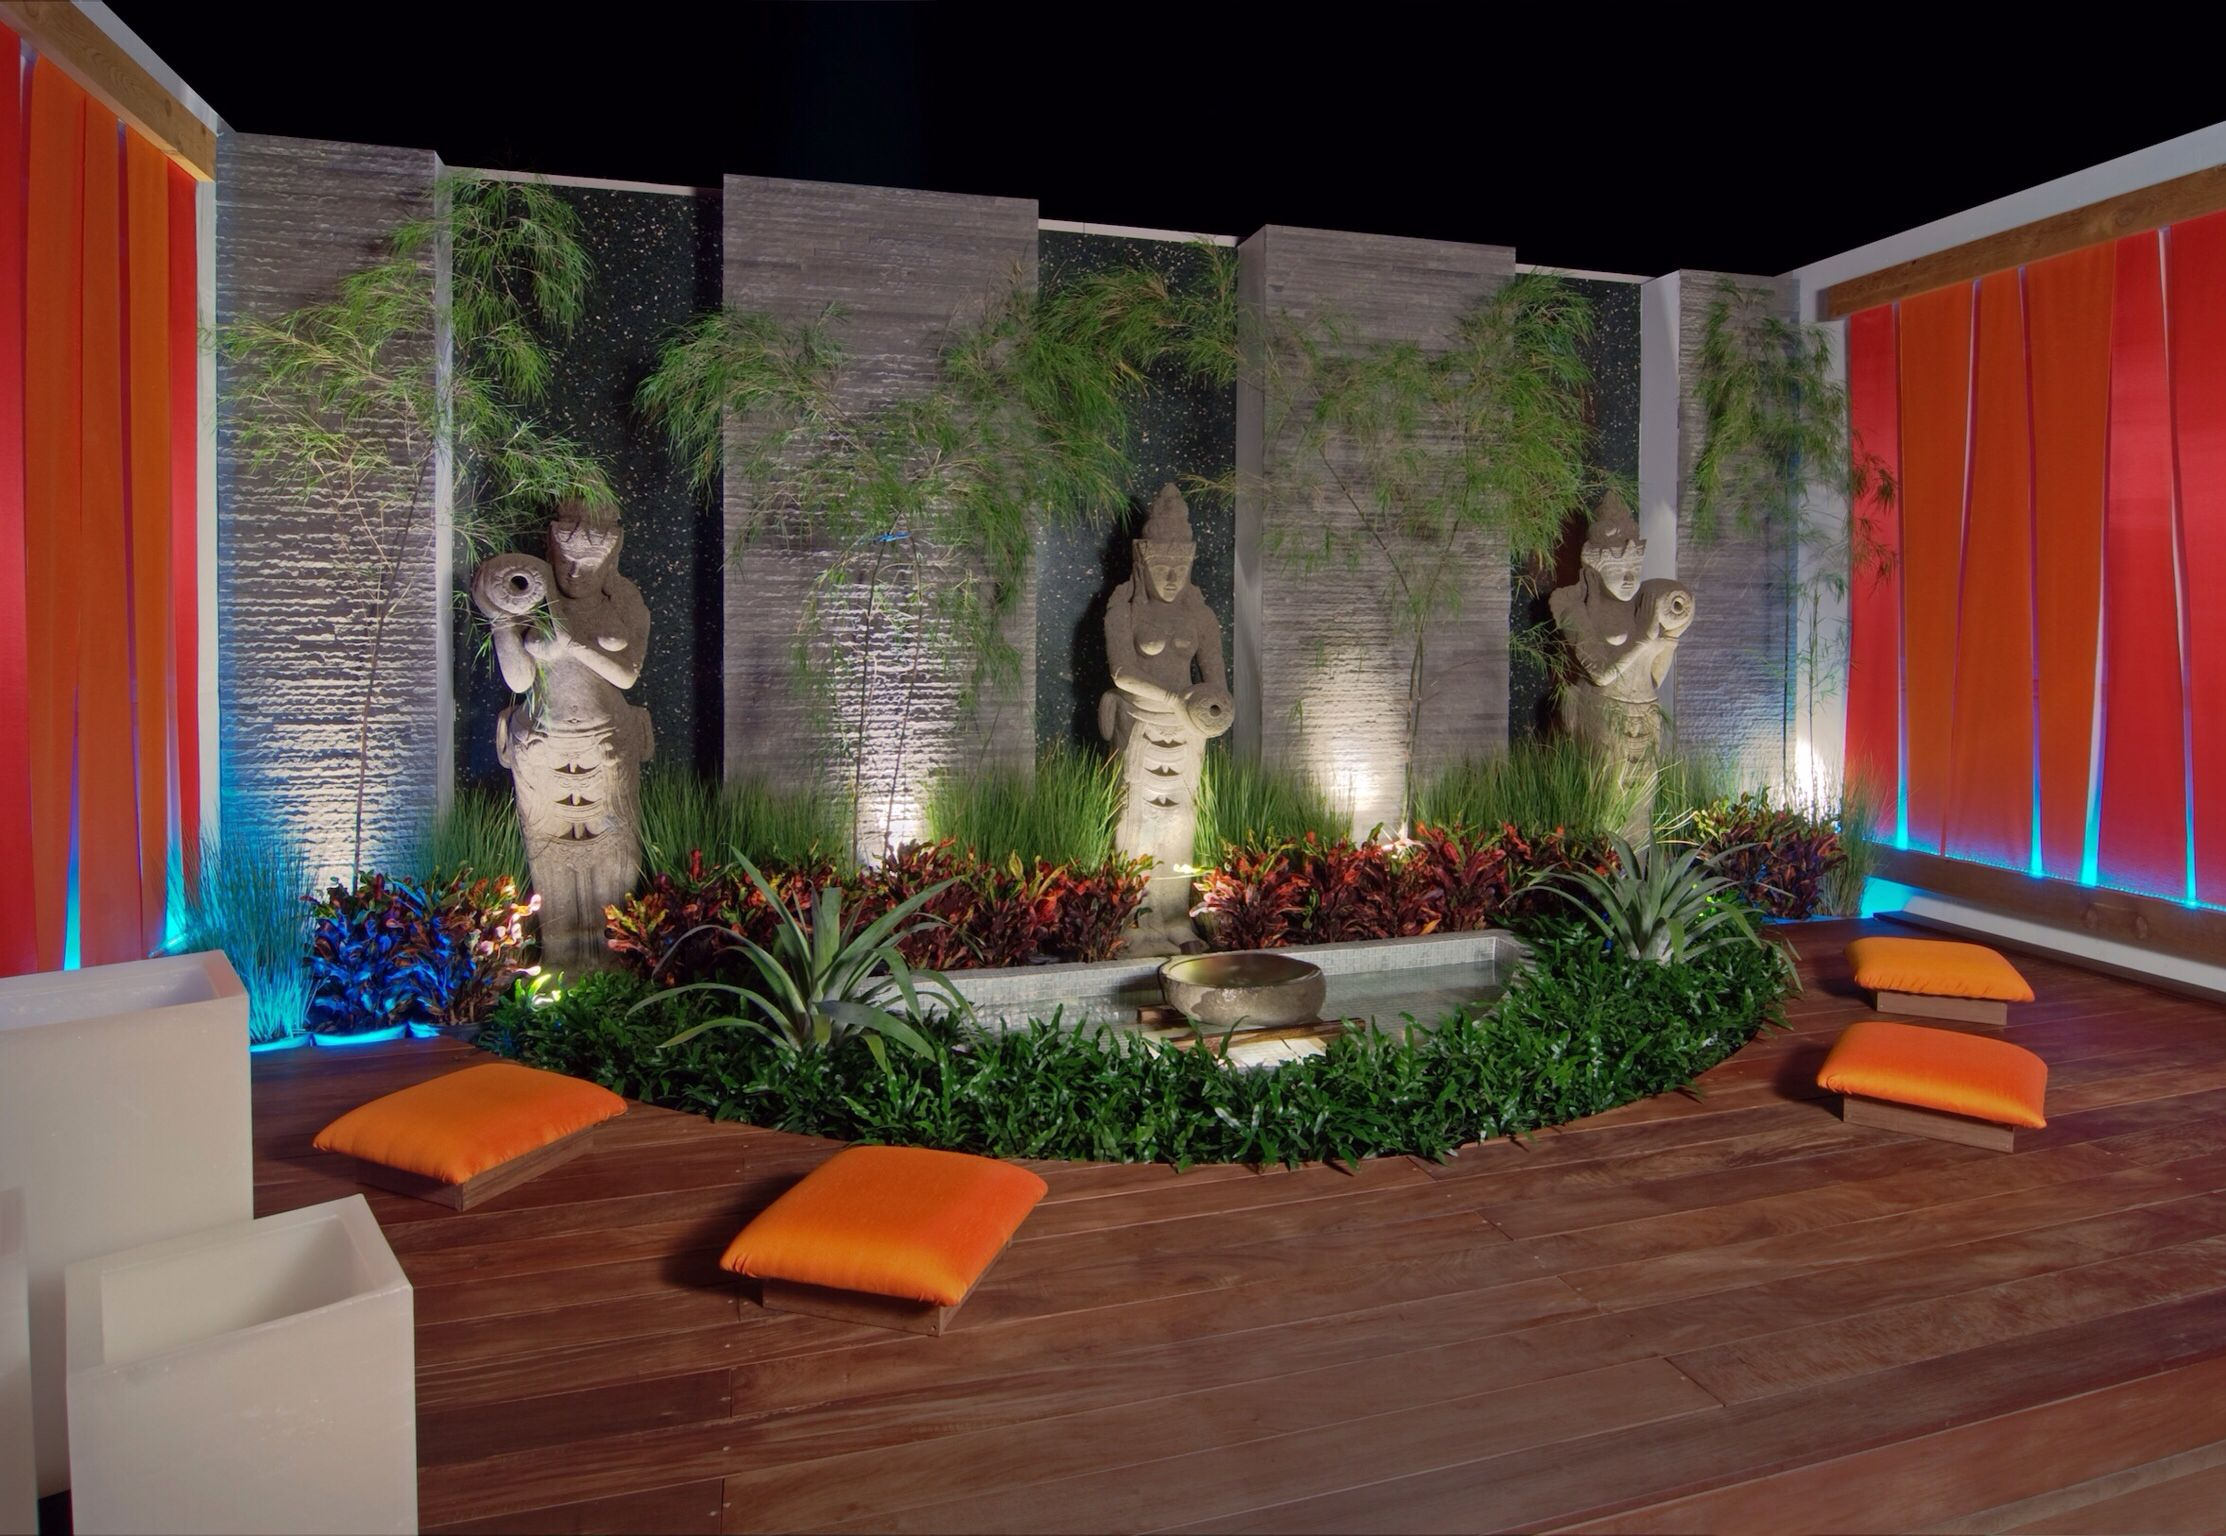 Bali Style Courtyard Balinese Garden Buddha Garden